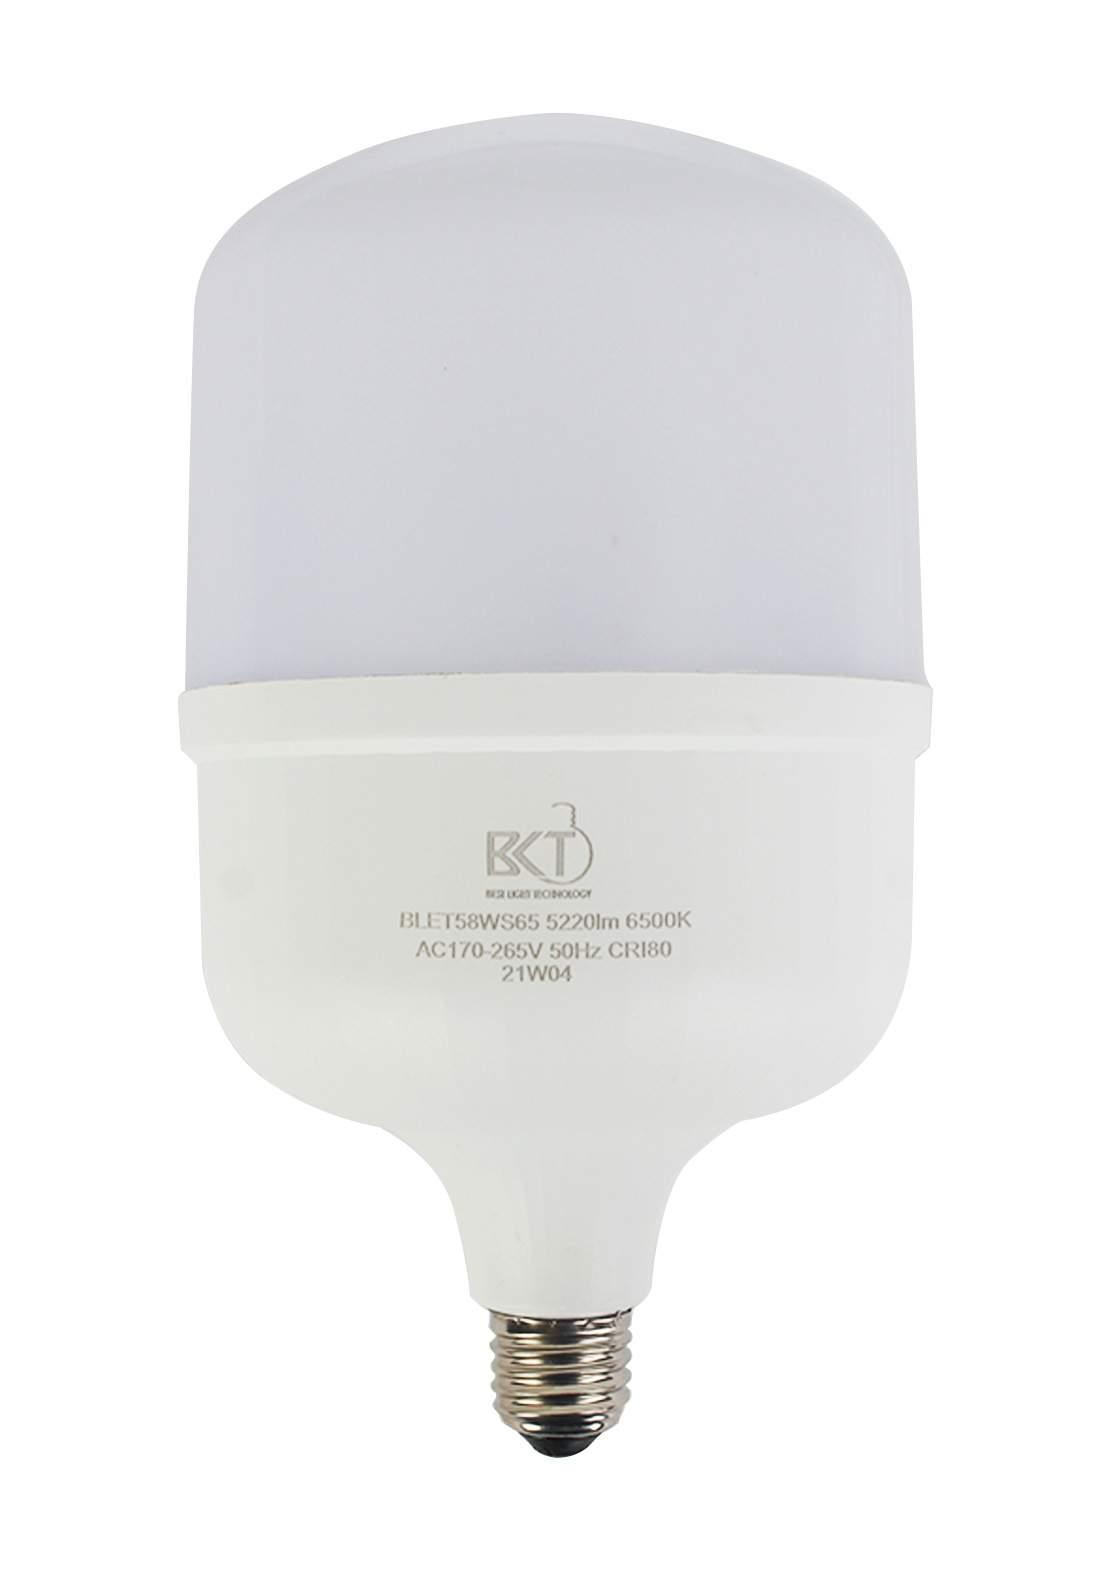 Bg BLET58WS65 led 58W مصباح ليد